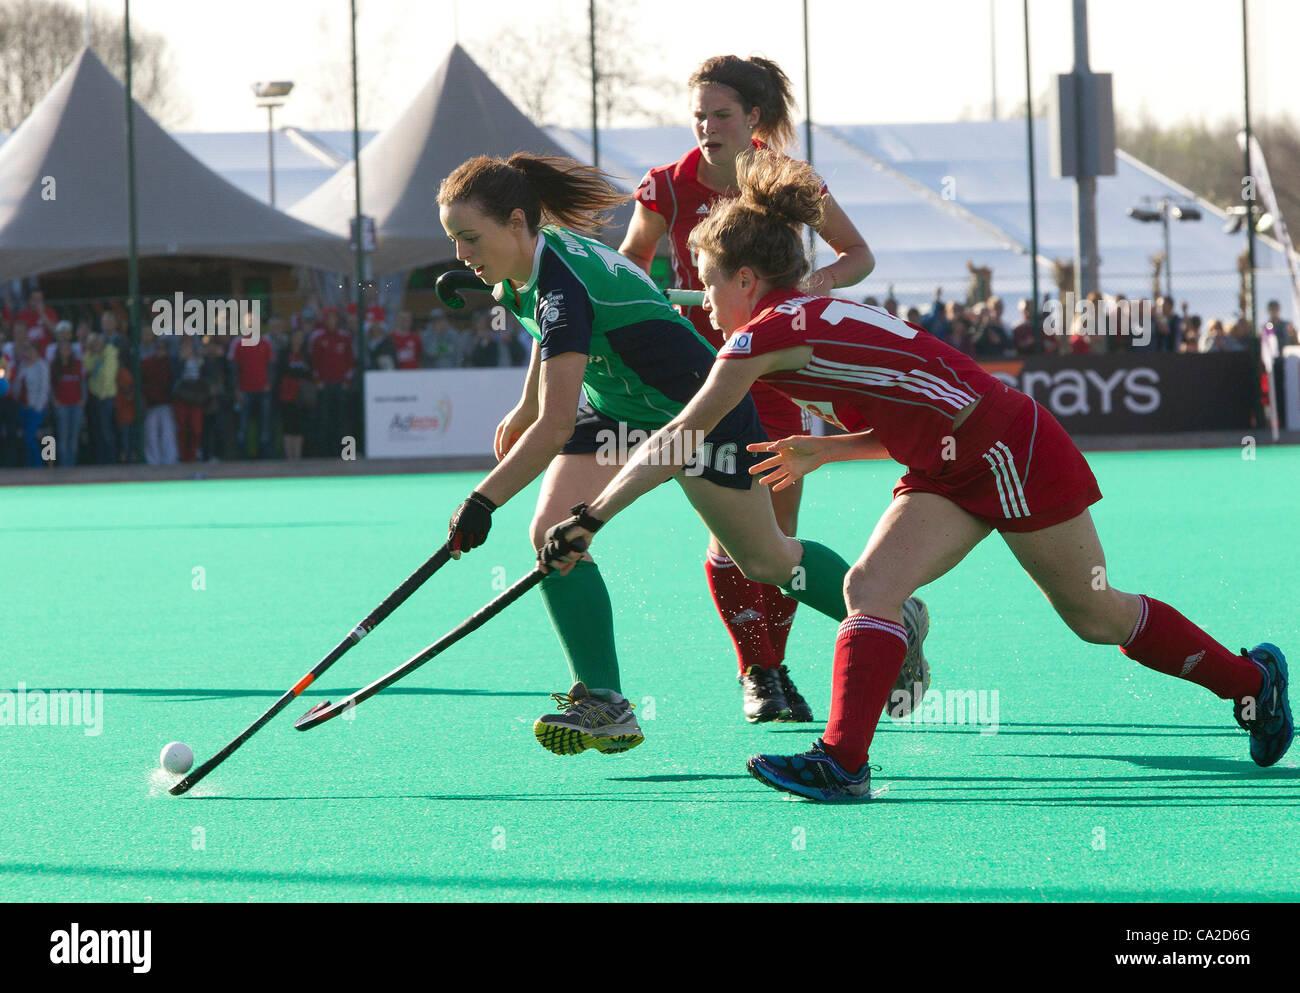 25.03.2012 - Kontich, Bélgica - Ilustra a la final del torneo calificador Olímpico de hockey femenino Imagen De Stock